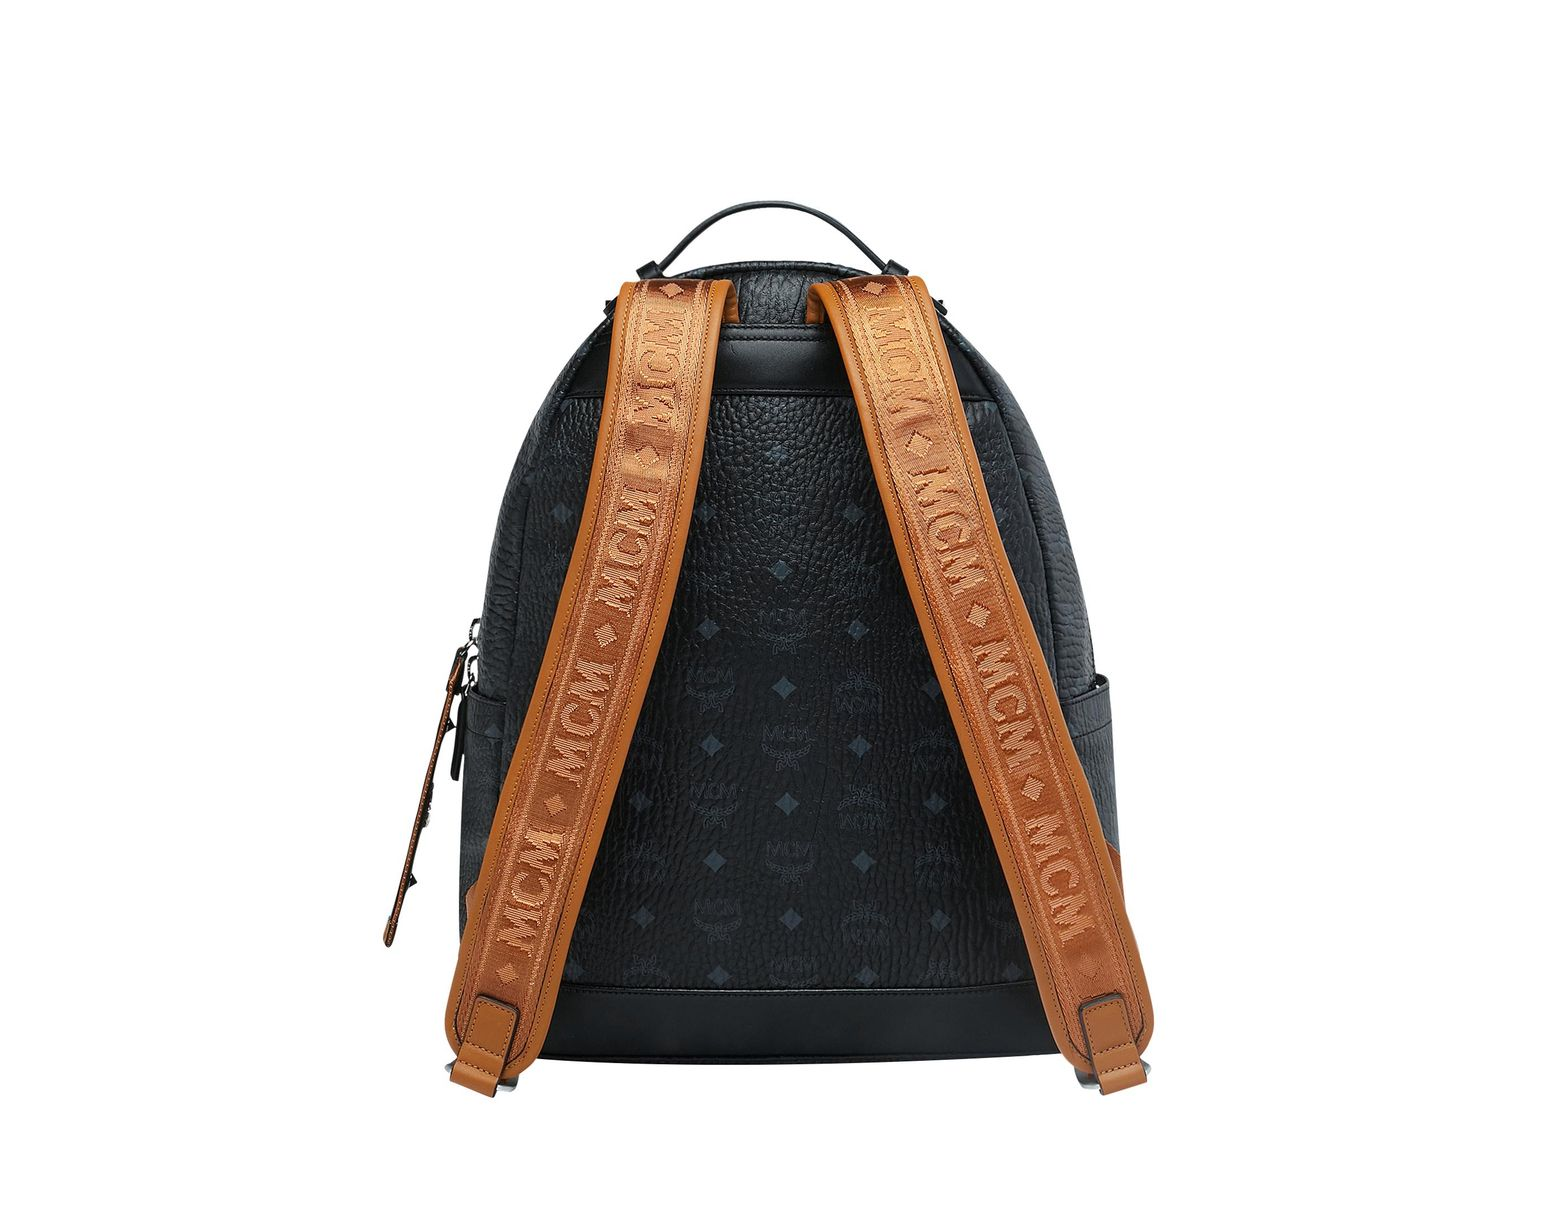 12aff0be90b0e MCM Black/cognac Visetos Stark Backpack in Black for Men - Save 4% - Lyst